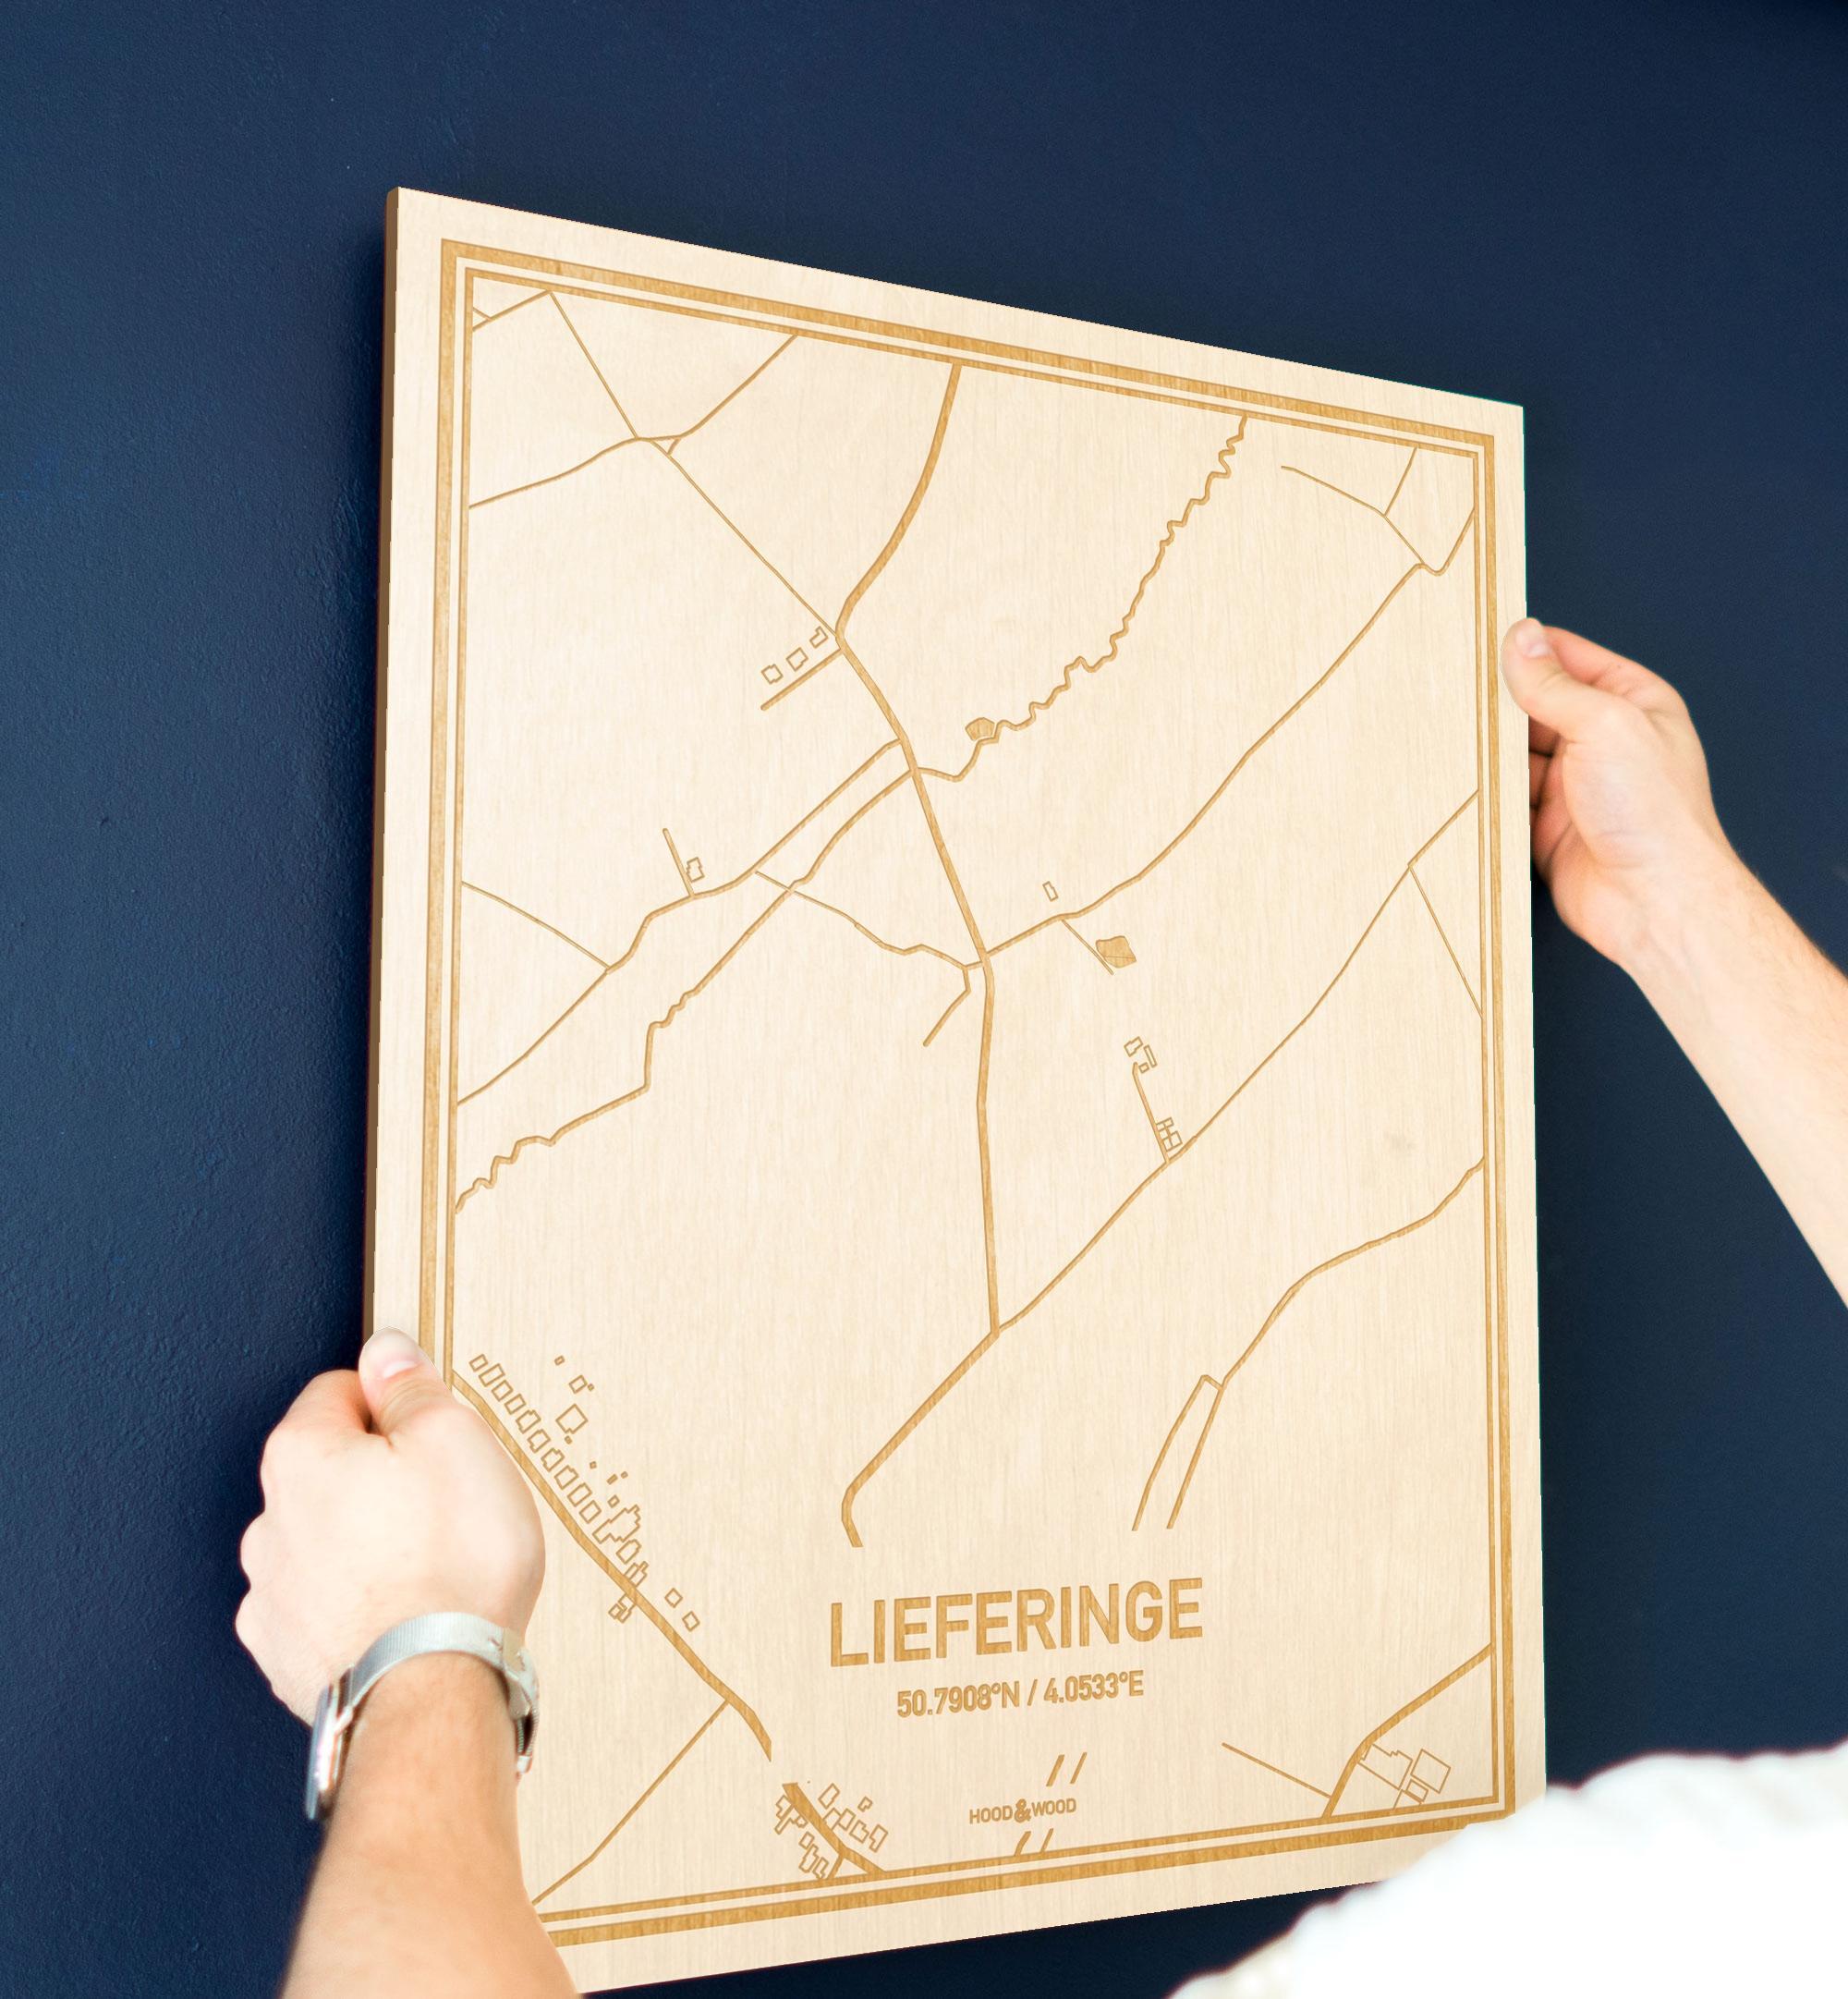 Een man hangt de houten plattegrond Lieferinge aan zijn blauwe muur ter decoratie. Je ziet alleen zijn handen de kaart van deze bijzondere in Oost-Vlaanderen  vasthouden.